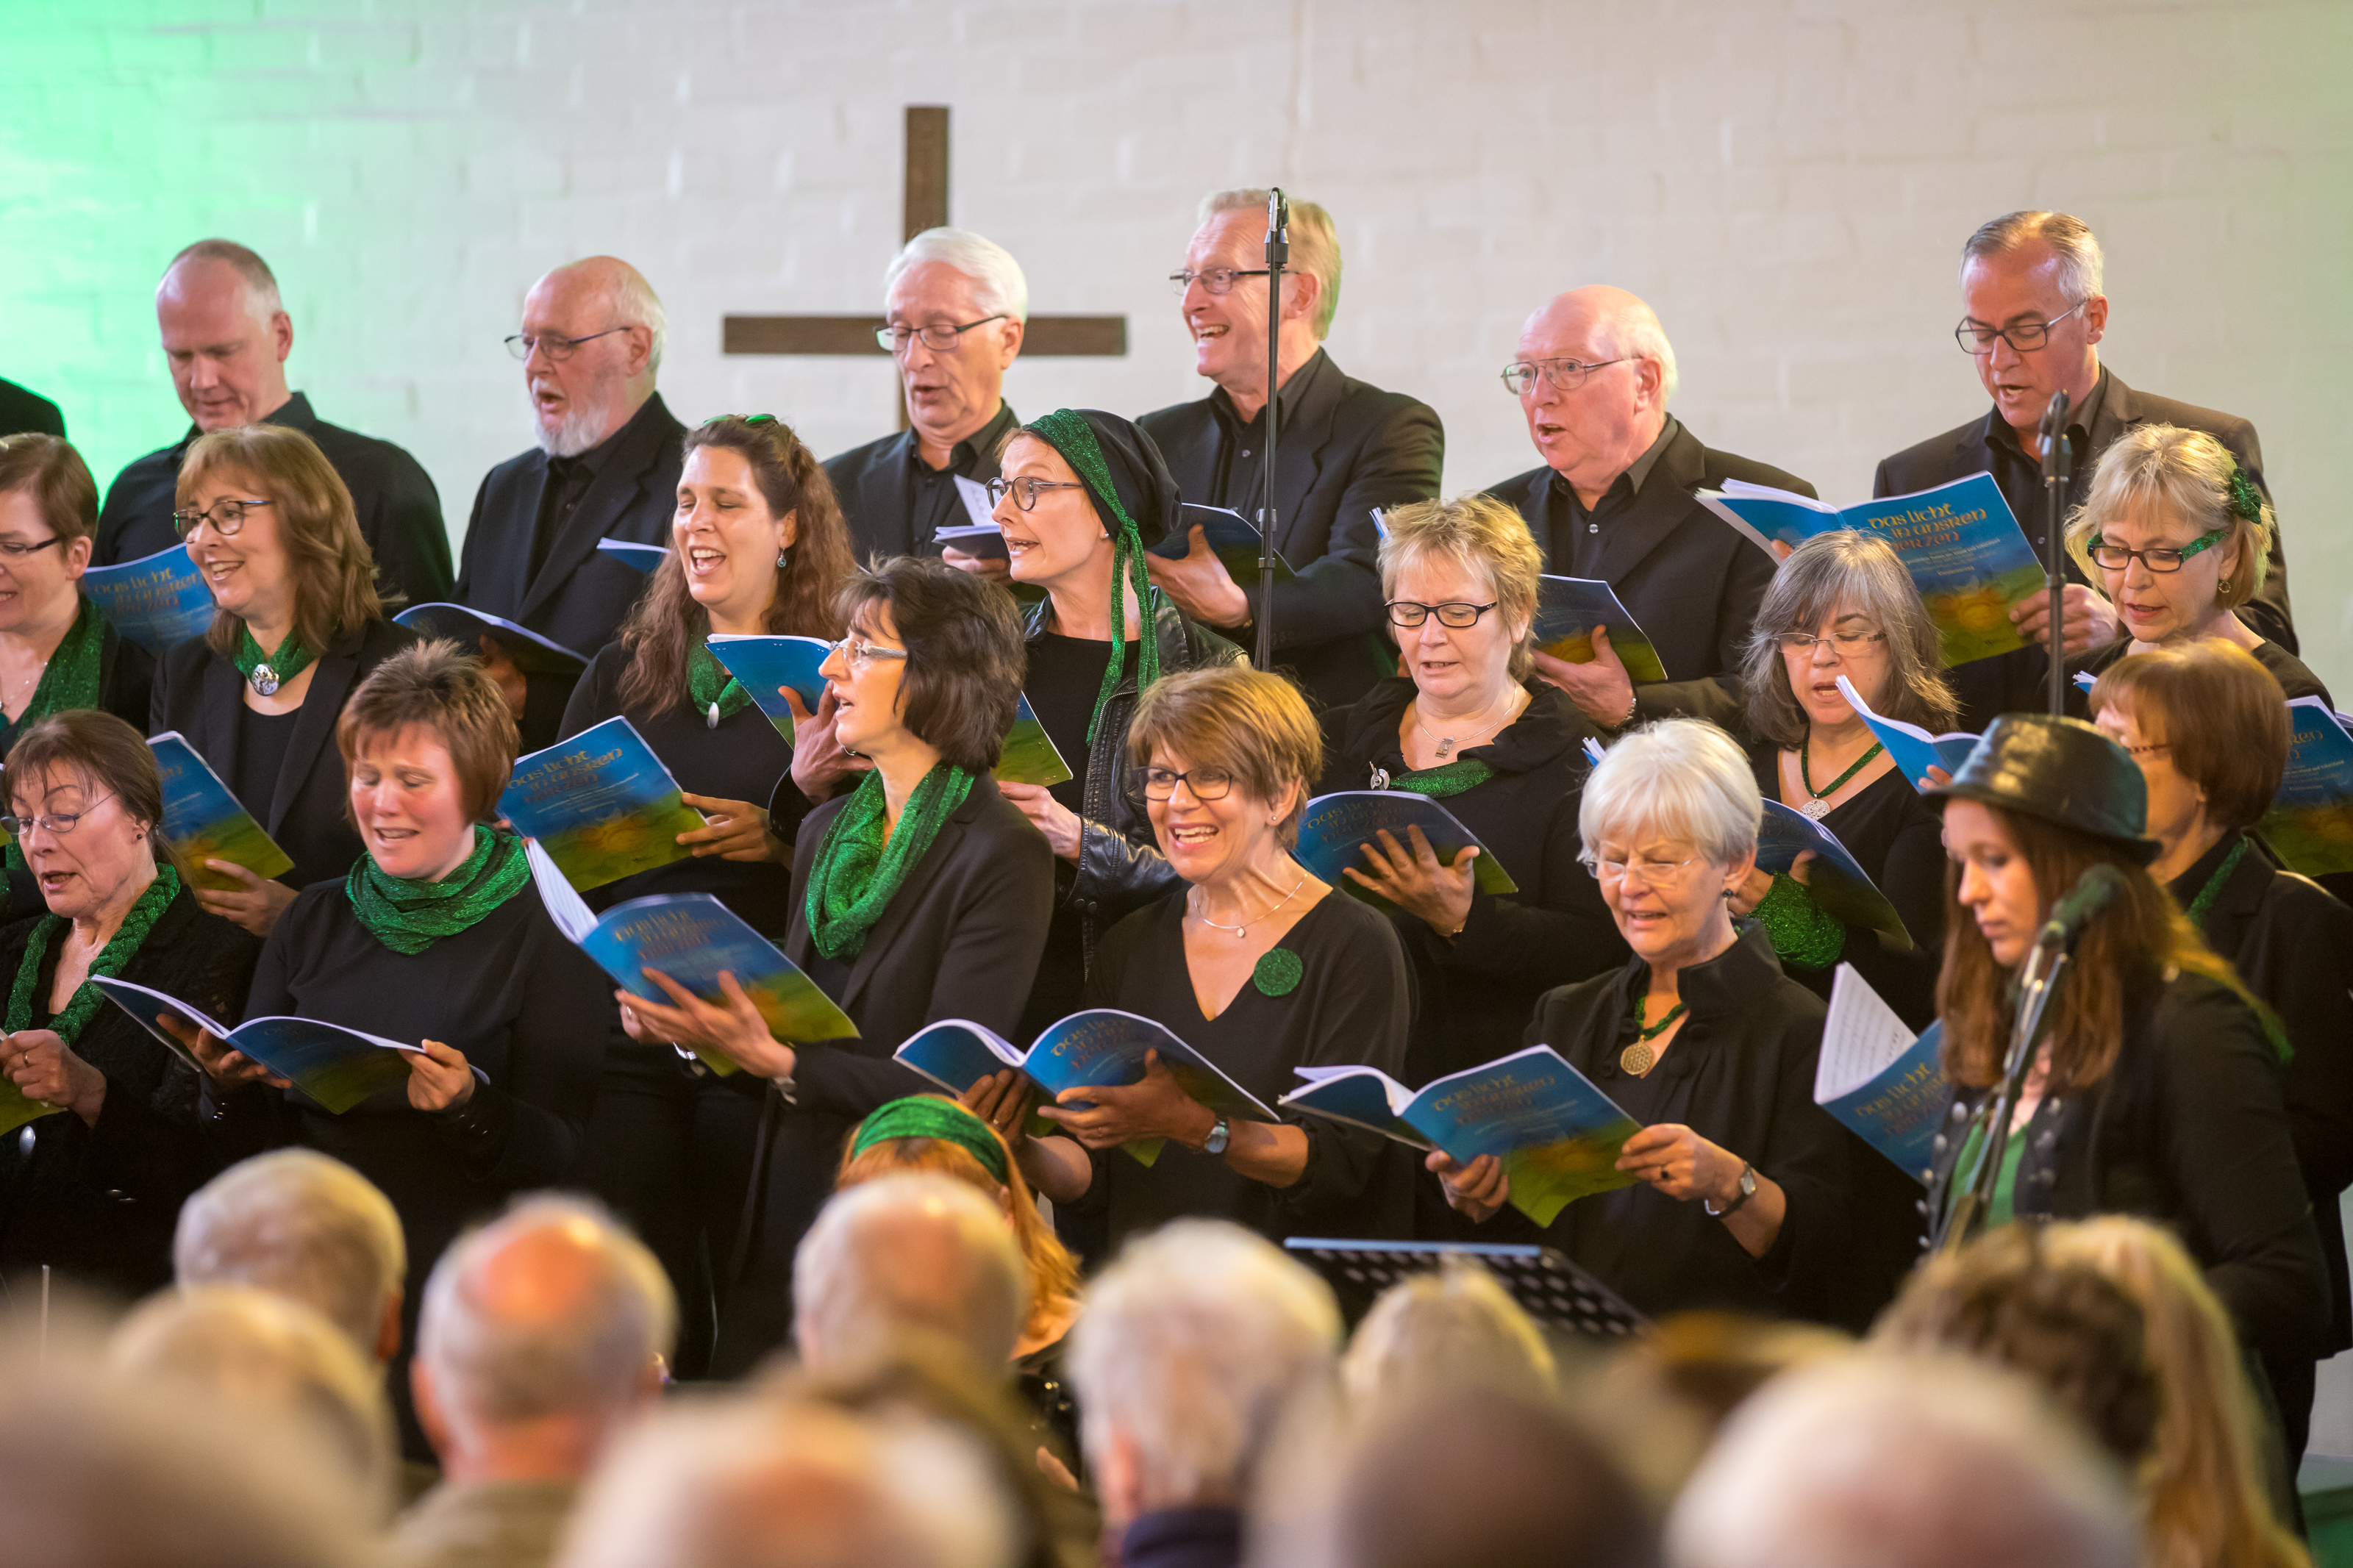 Keltische Messe -Chor meets Folkband-